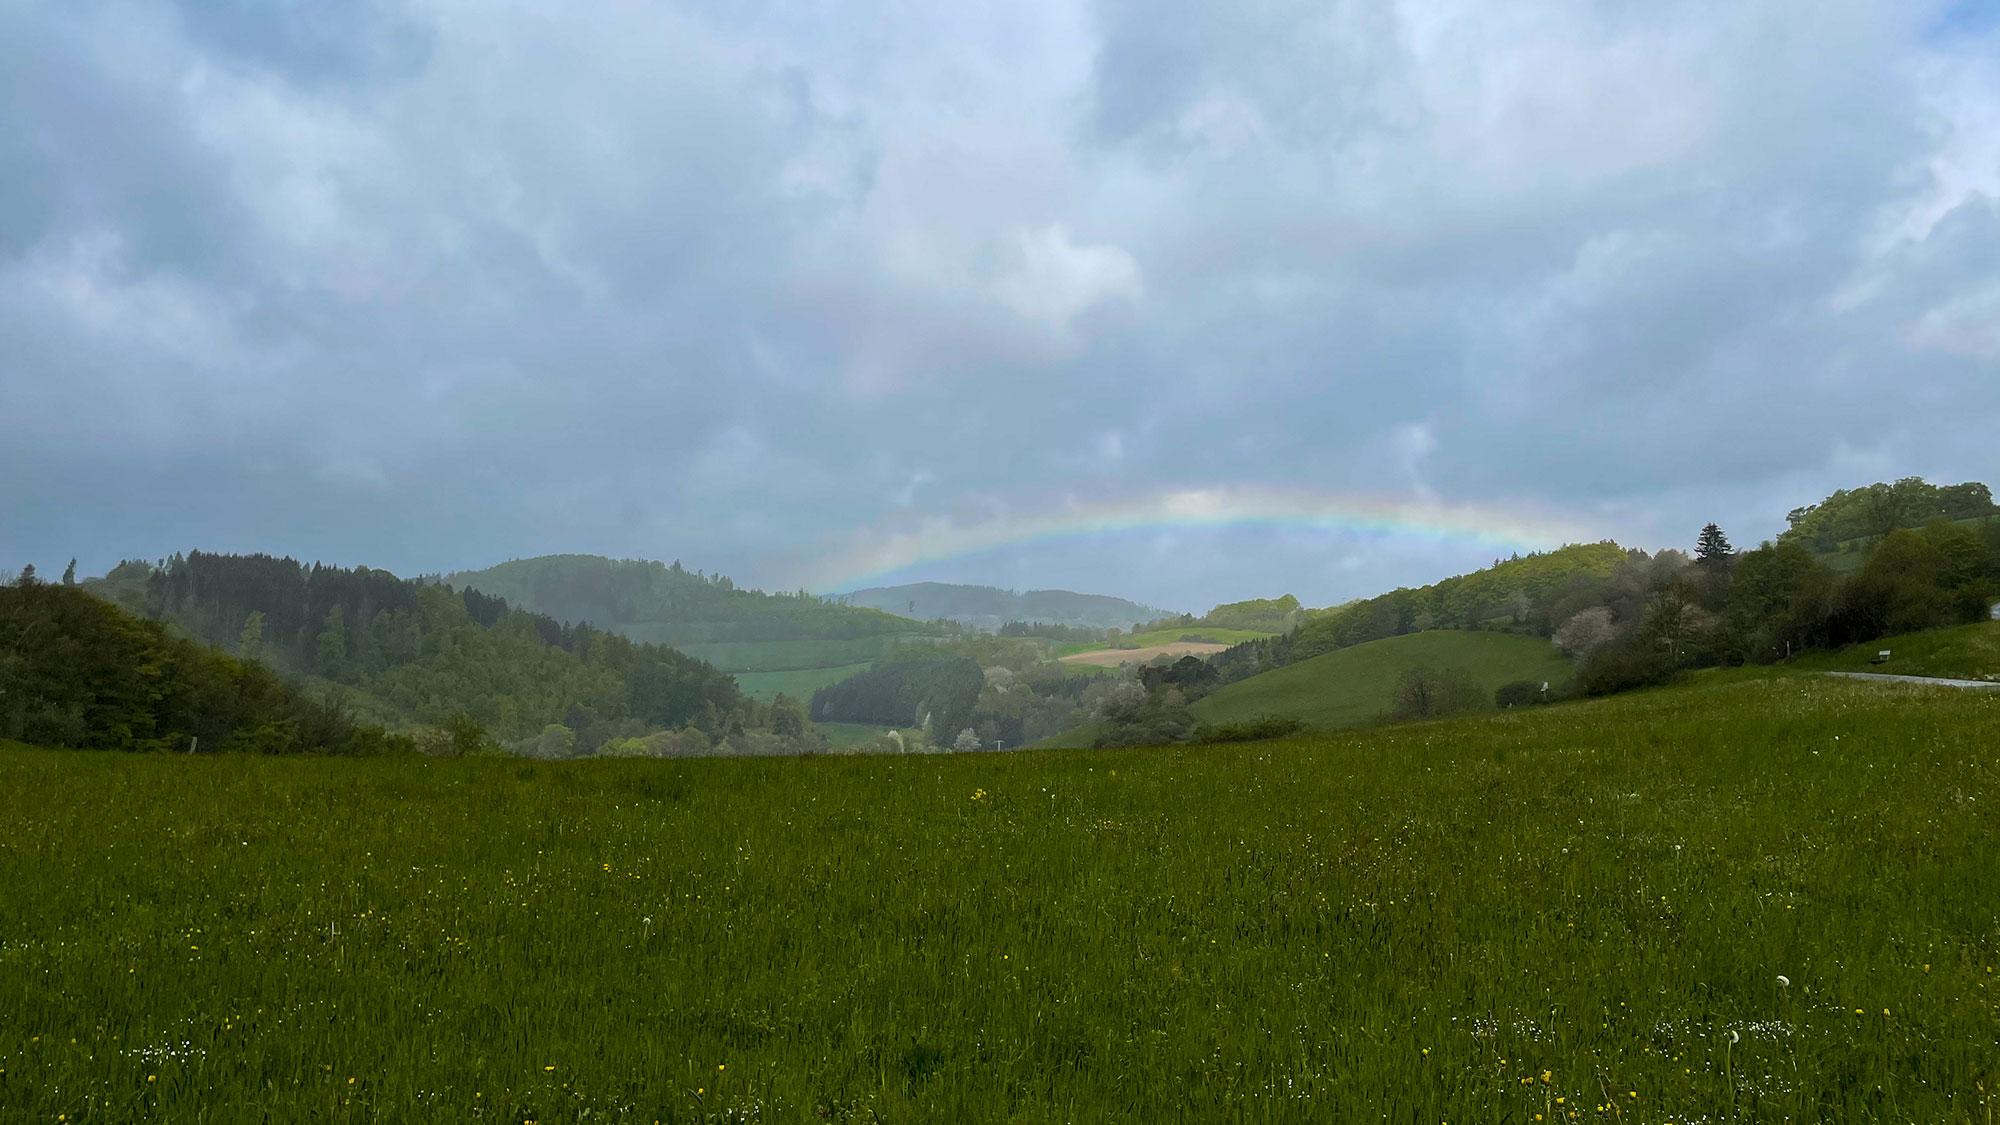 Regen und Sonne = Regenbogenzeit